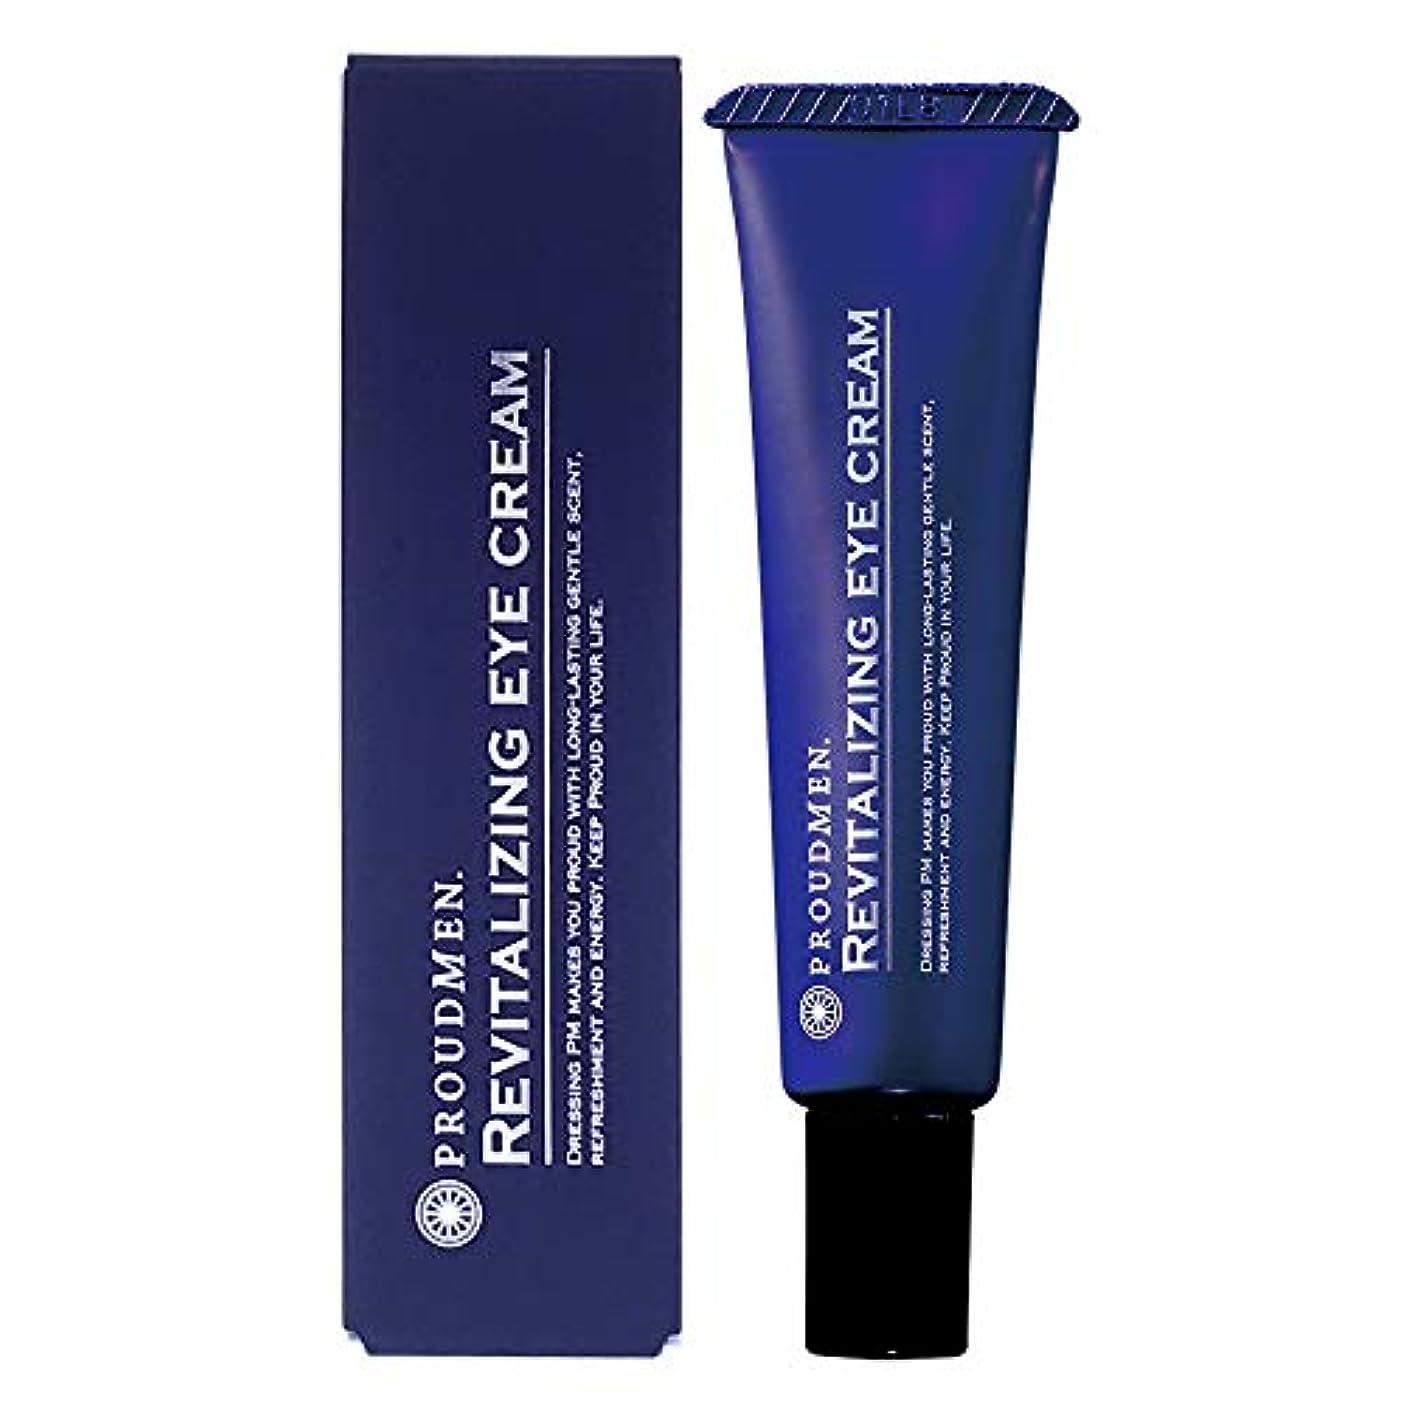 マイルストーンハント実行するプラウドメン リバイタライジングアイクリーム 12g (グルーミング?シトラスの香り) 目元クリーム メンズコスメ 男性用化粧品